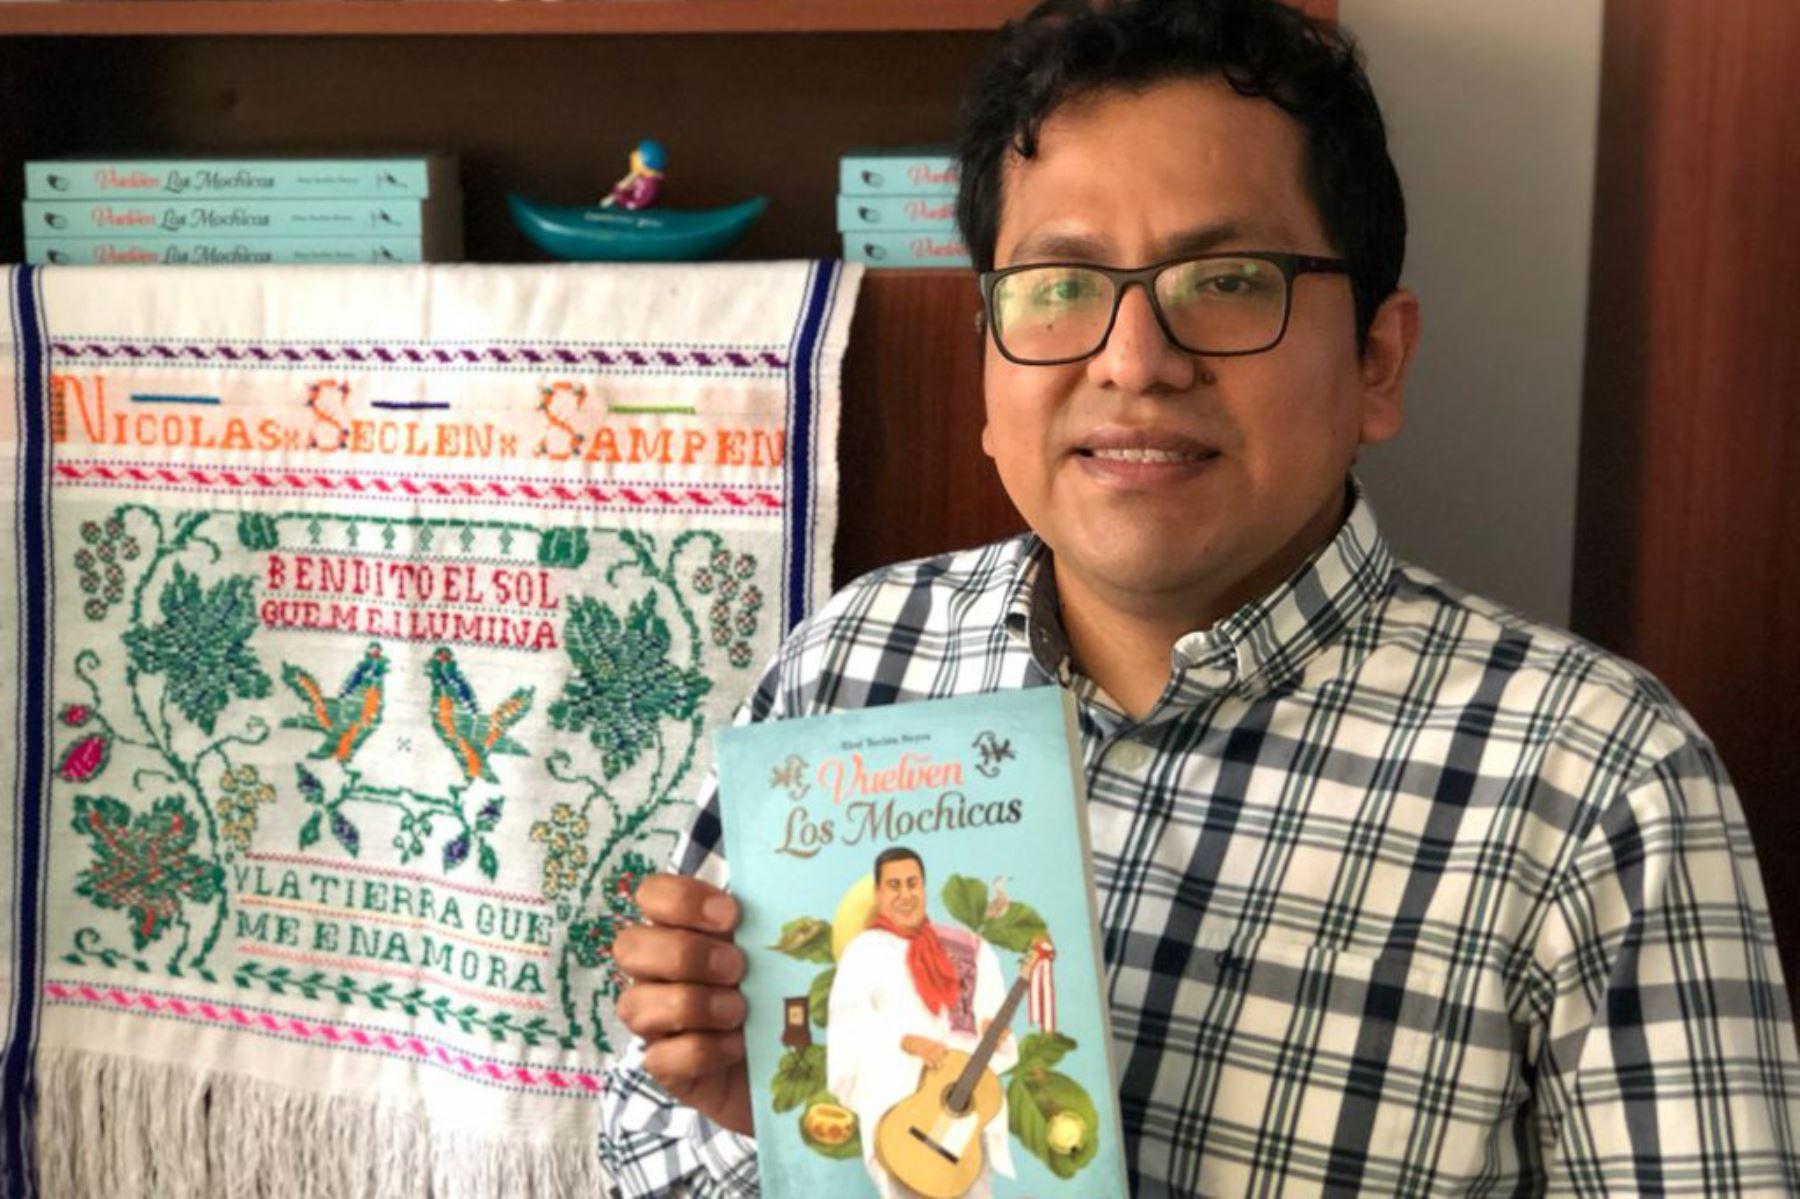 Este libro escrito por Eloy Seclén Neyra, sociólogo y docente universitario, hijo de Nicolás Seclén Sampén. ANDINA/Difusión